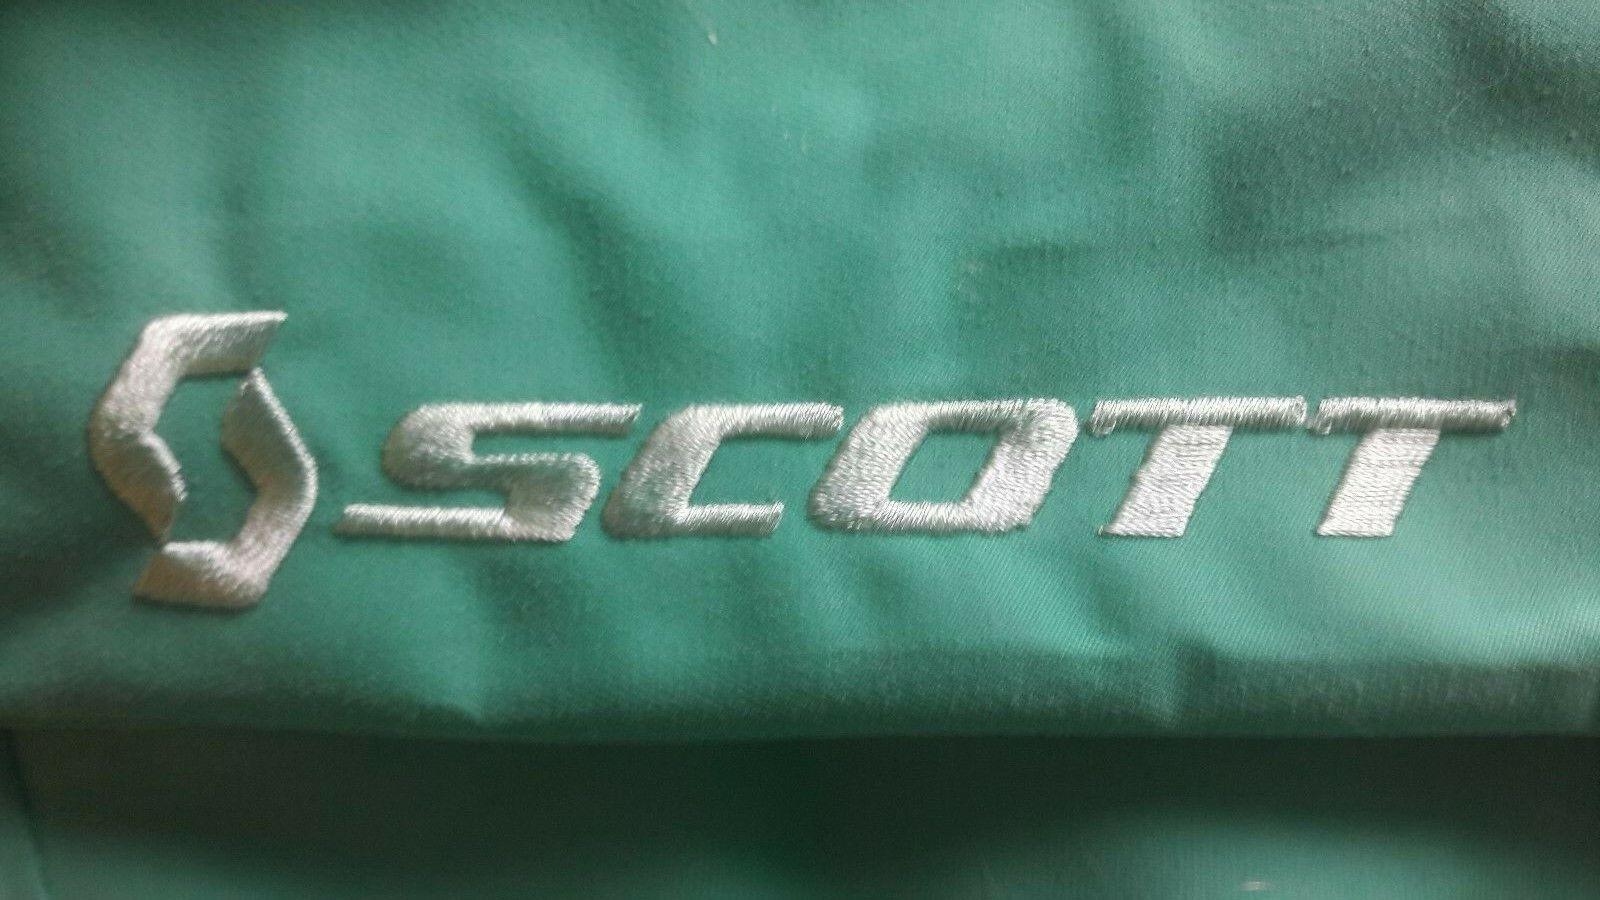 Scott   S, Emerald Grün, Cool Salopettes, water column 20.000, very high KP